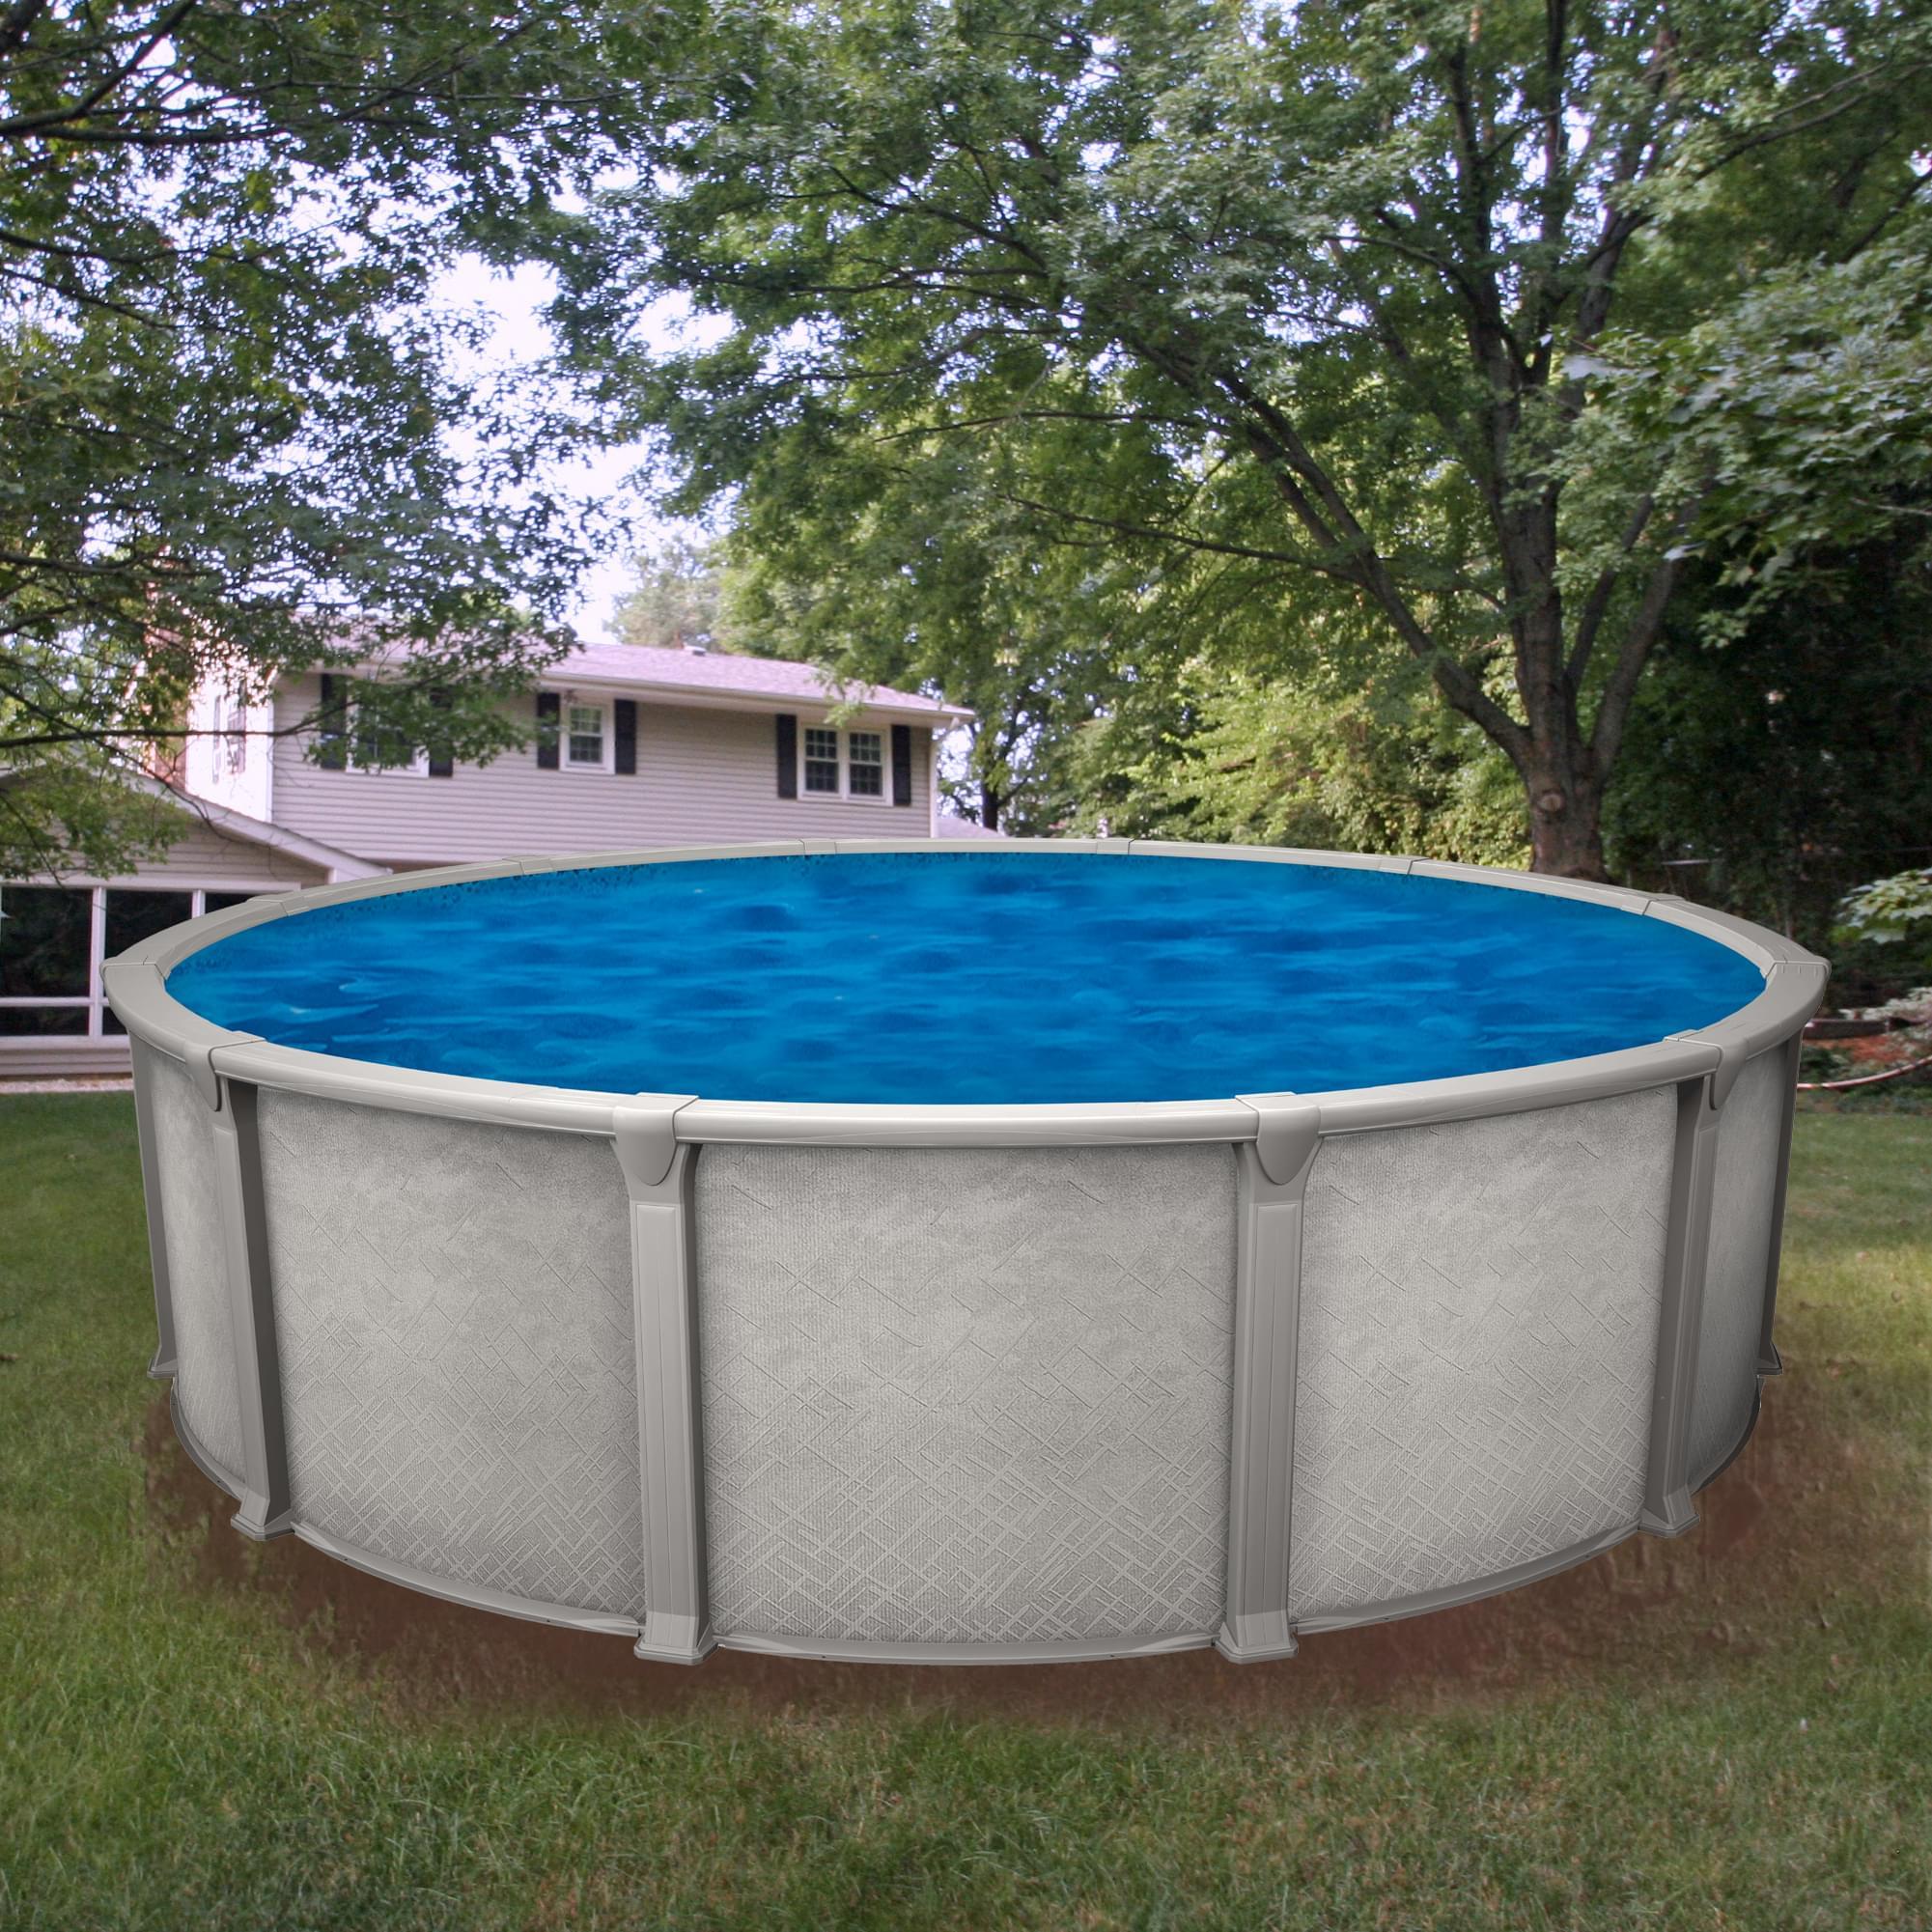 Galaxy 24 pied ronde piscine hors te magasin de piscine for Chauffe eau solaire pour piscine hors terre